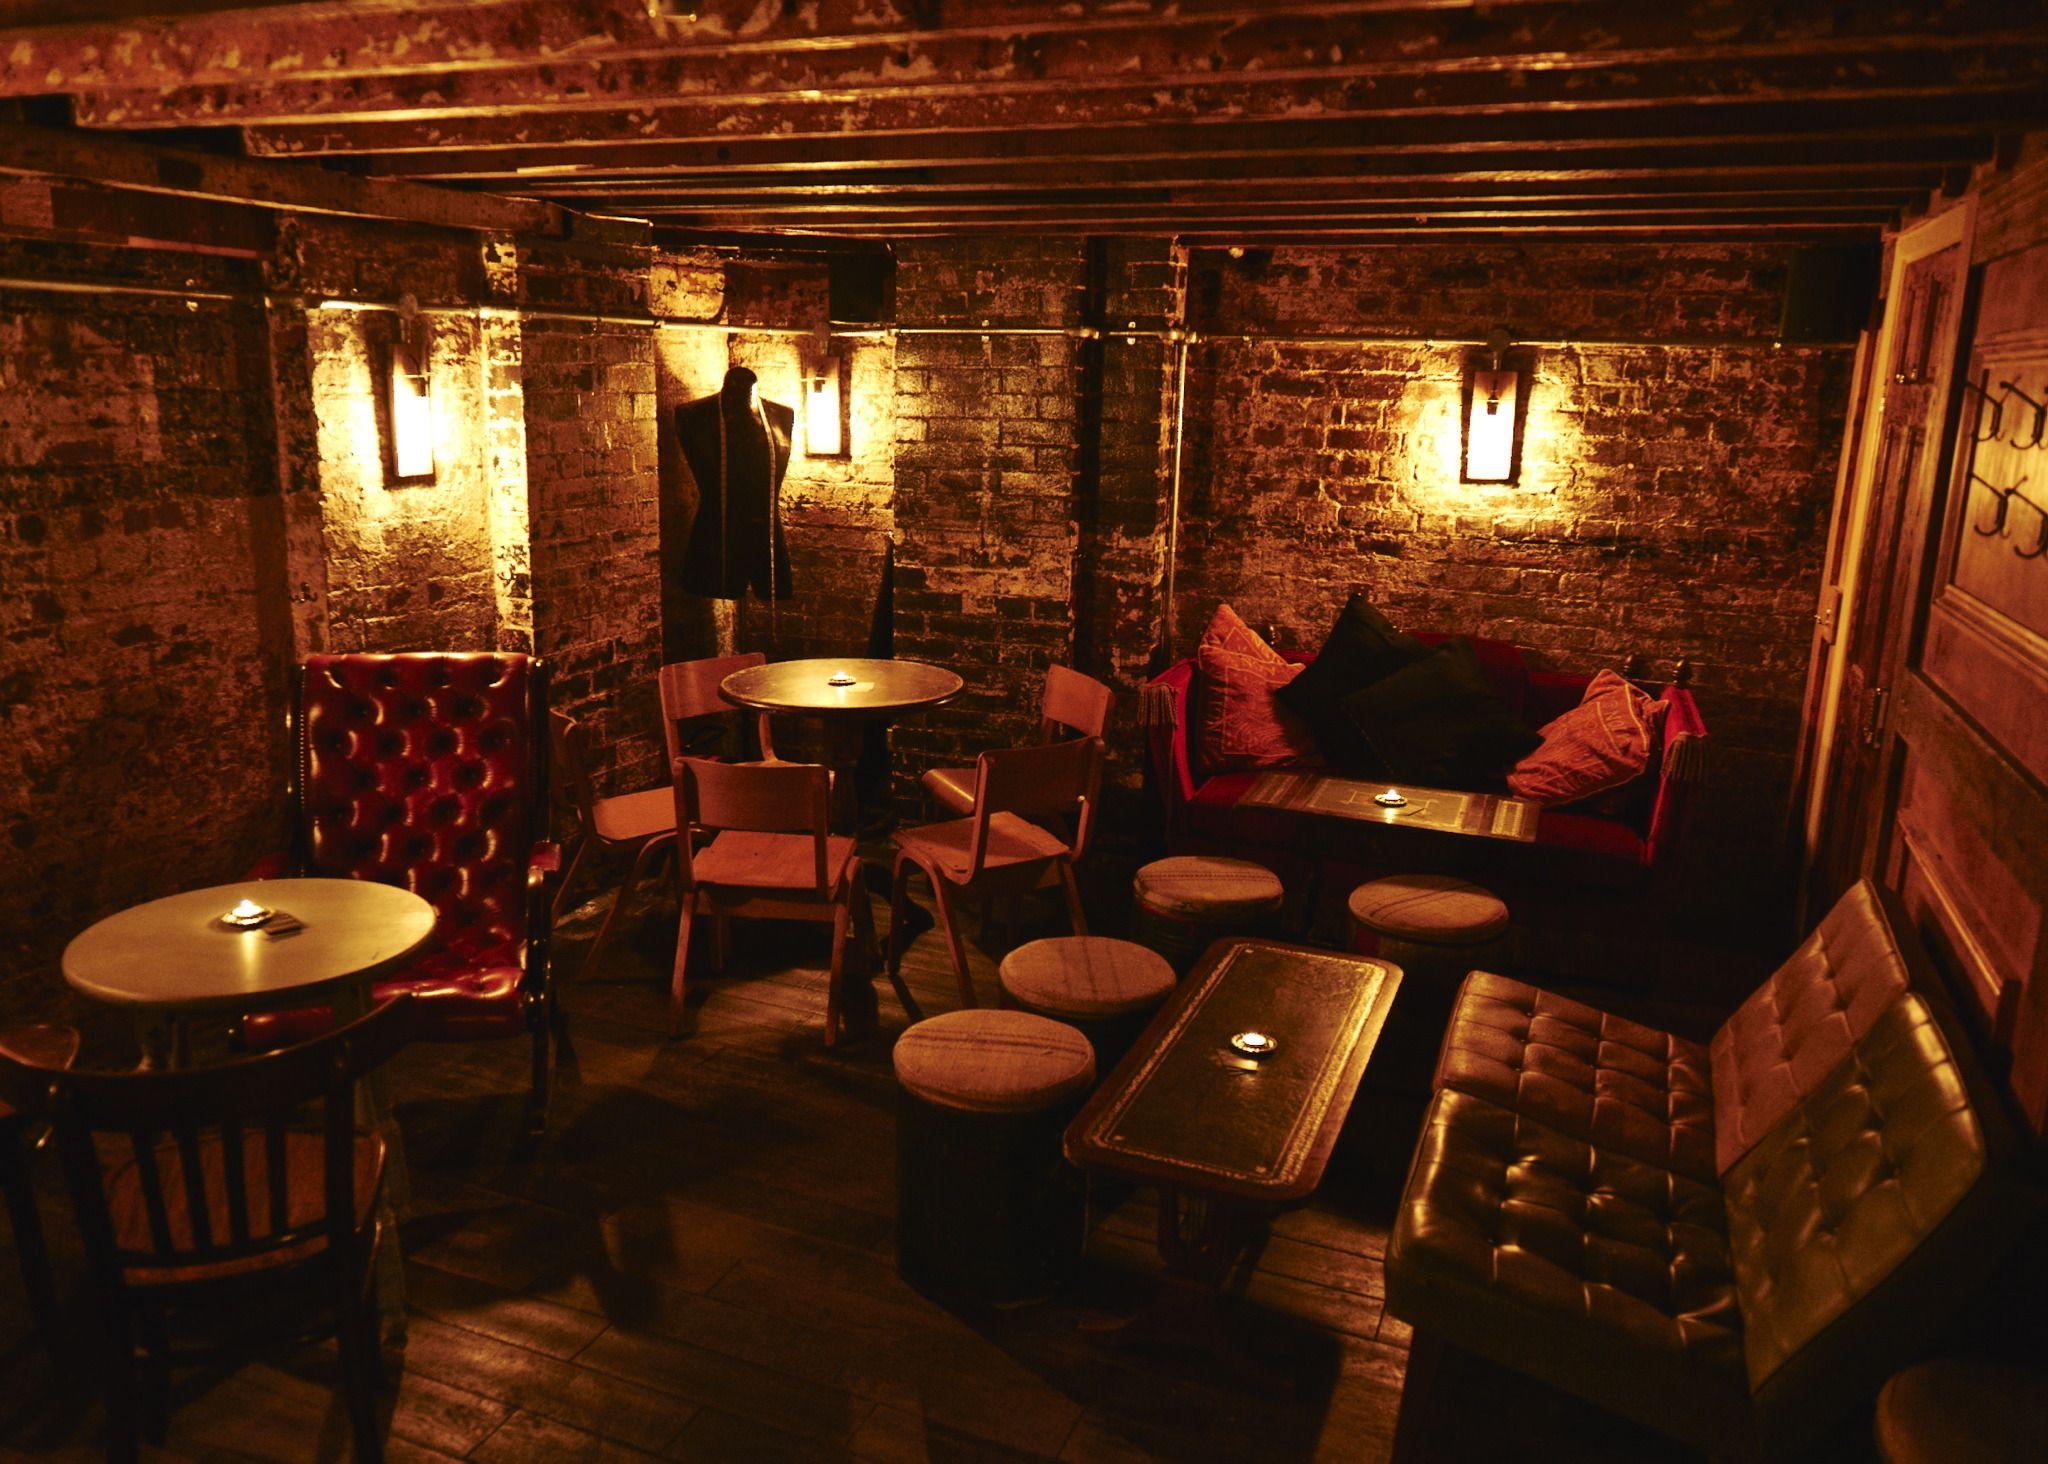 speakeasy-decor 1